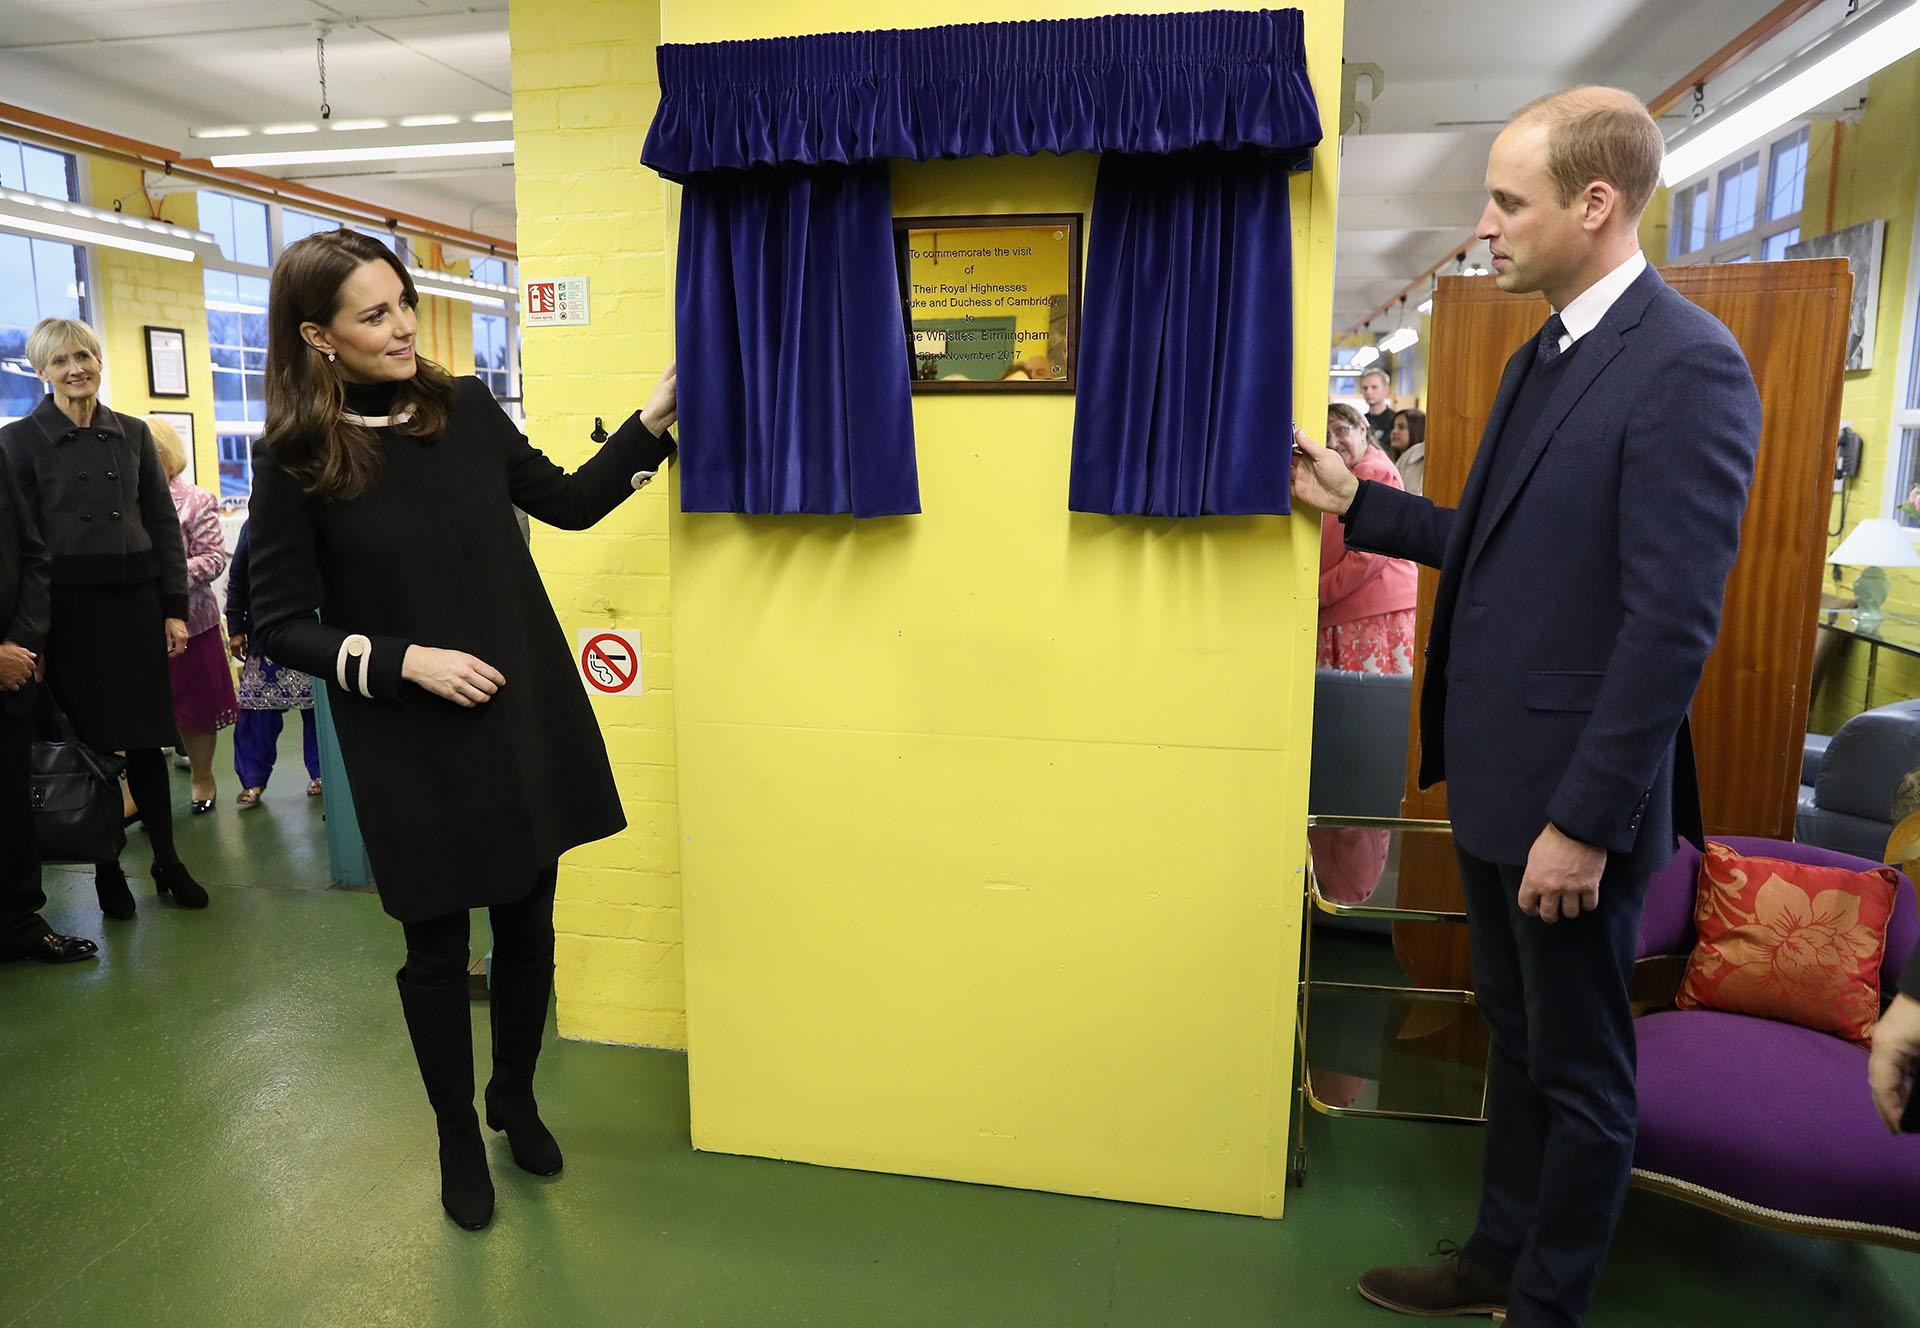 Mientras los duques aún cuidan en su casa a la pequeña Charlotte, el príncipe George ya asiste a diario al colegio Thomas's Battersea, al sur de Londres /// Fotos: Getty Images